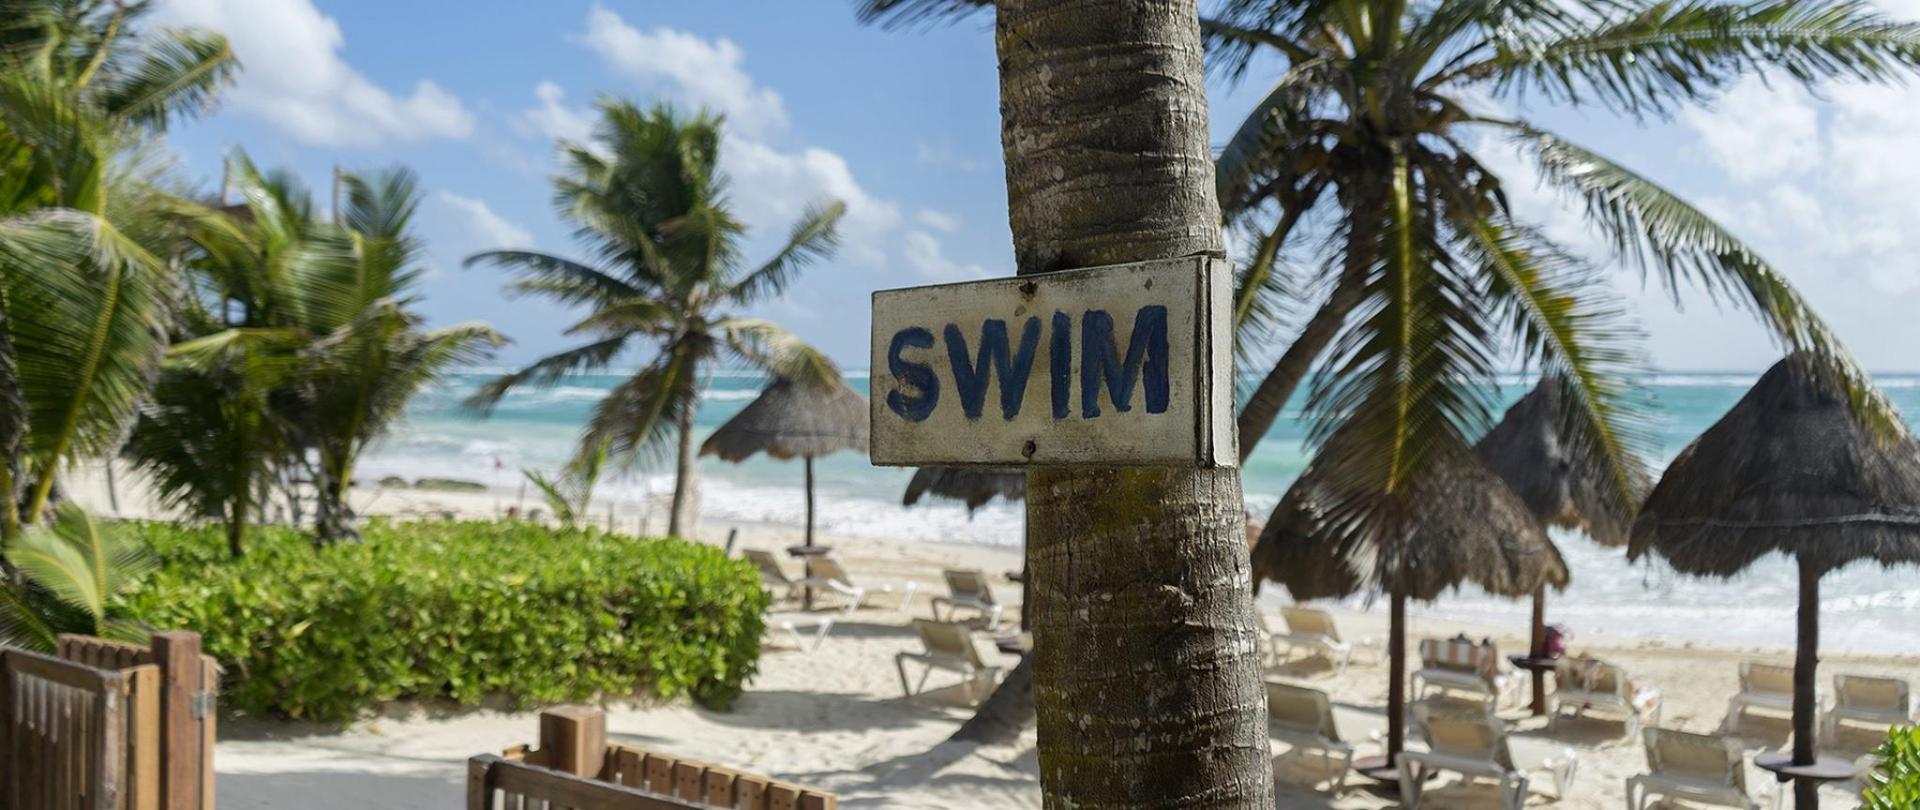 spiaggia new scritta.jpg